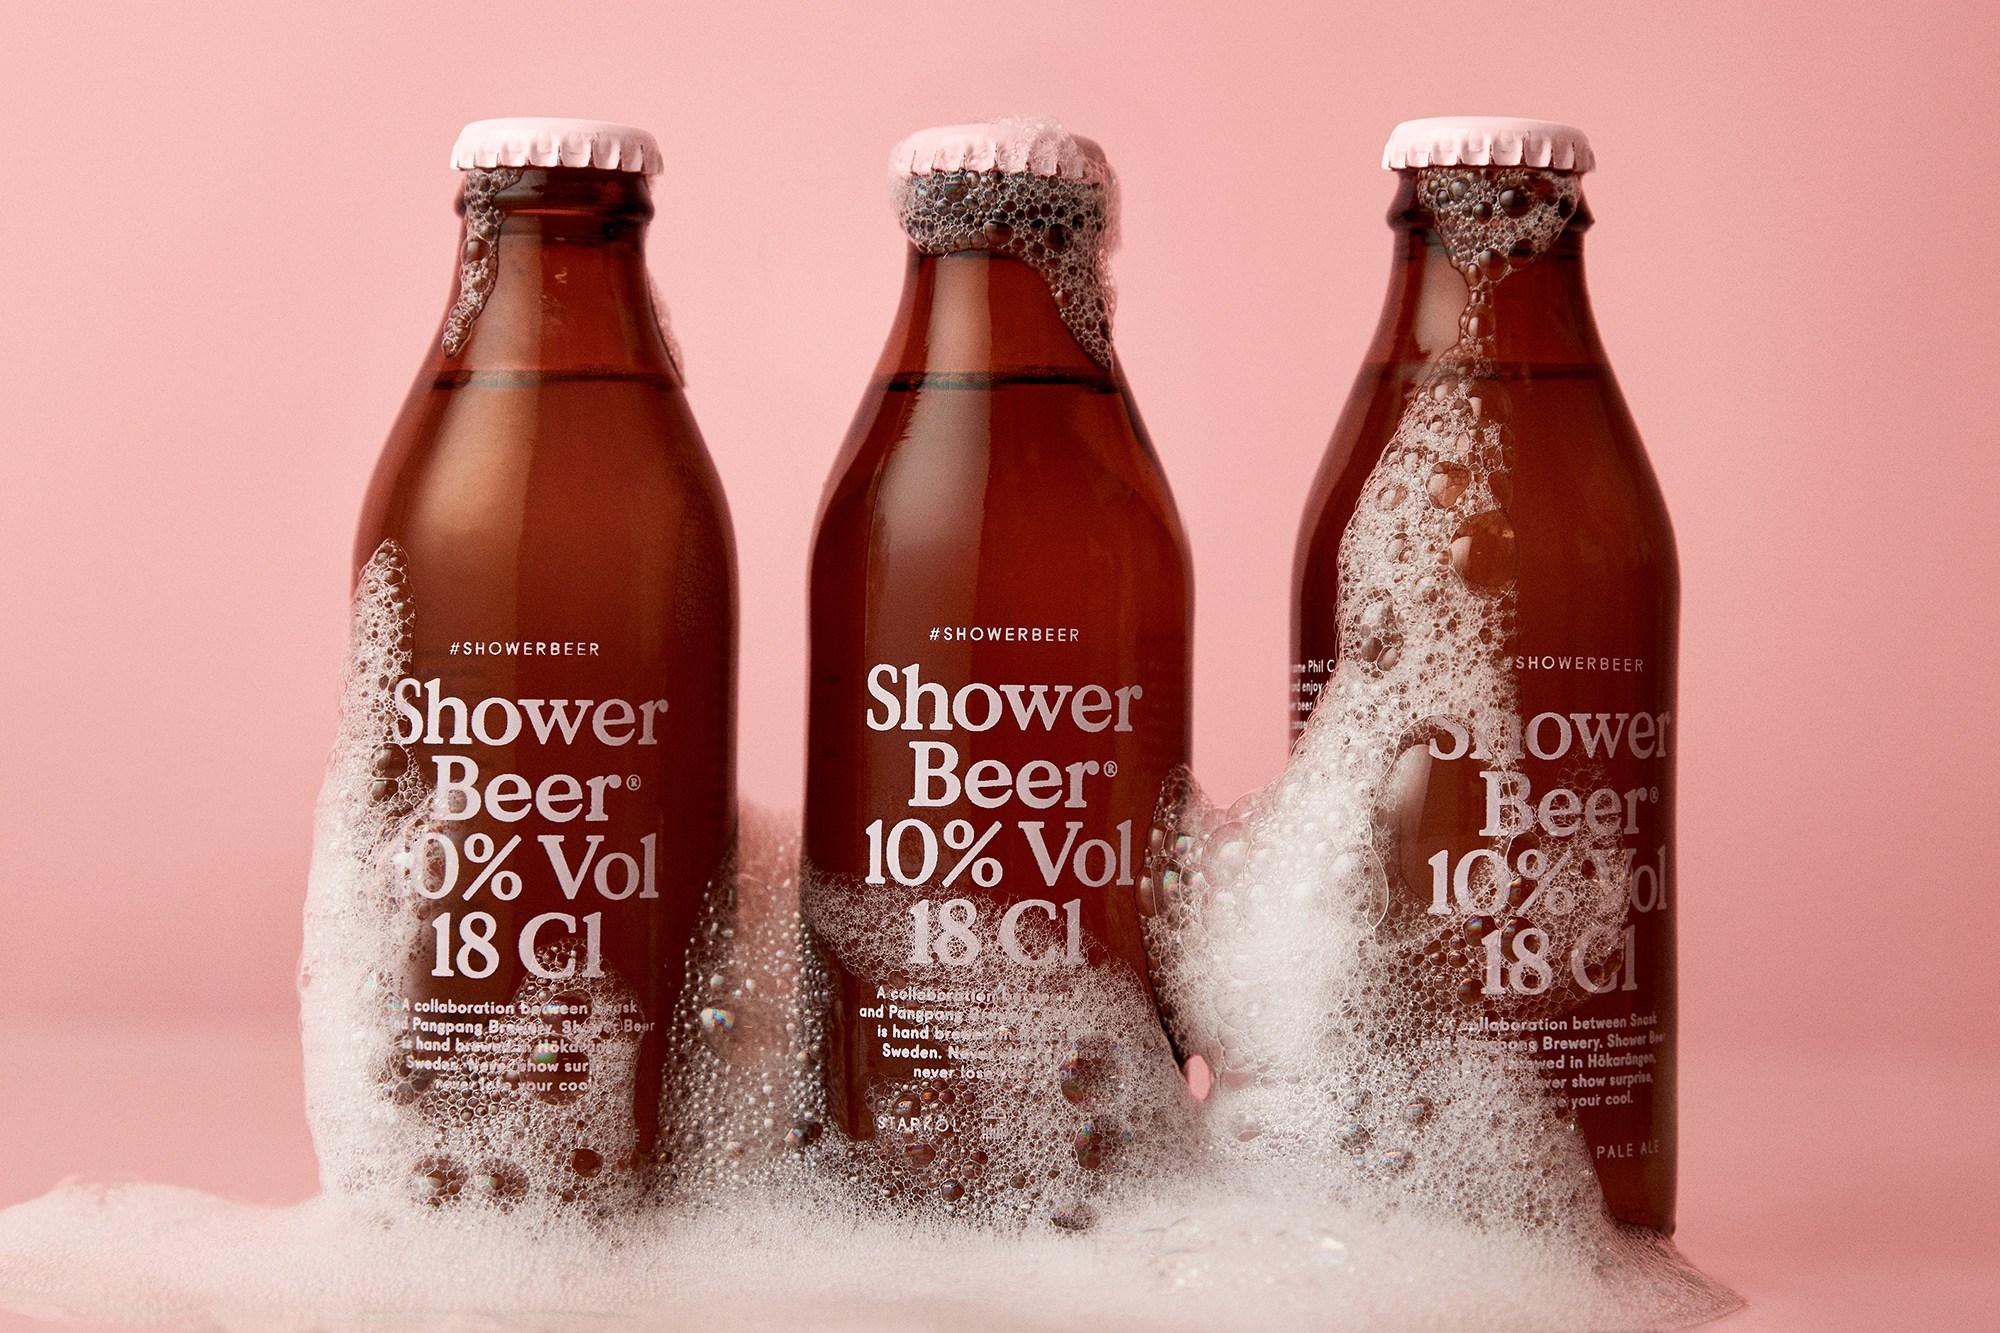 shower-beer-1-image